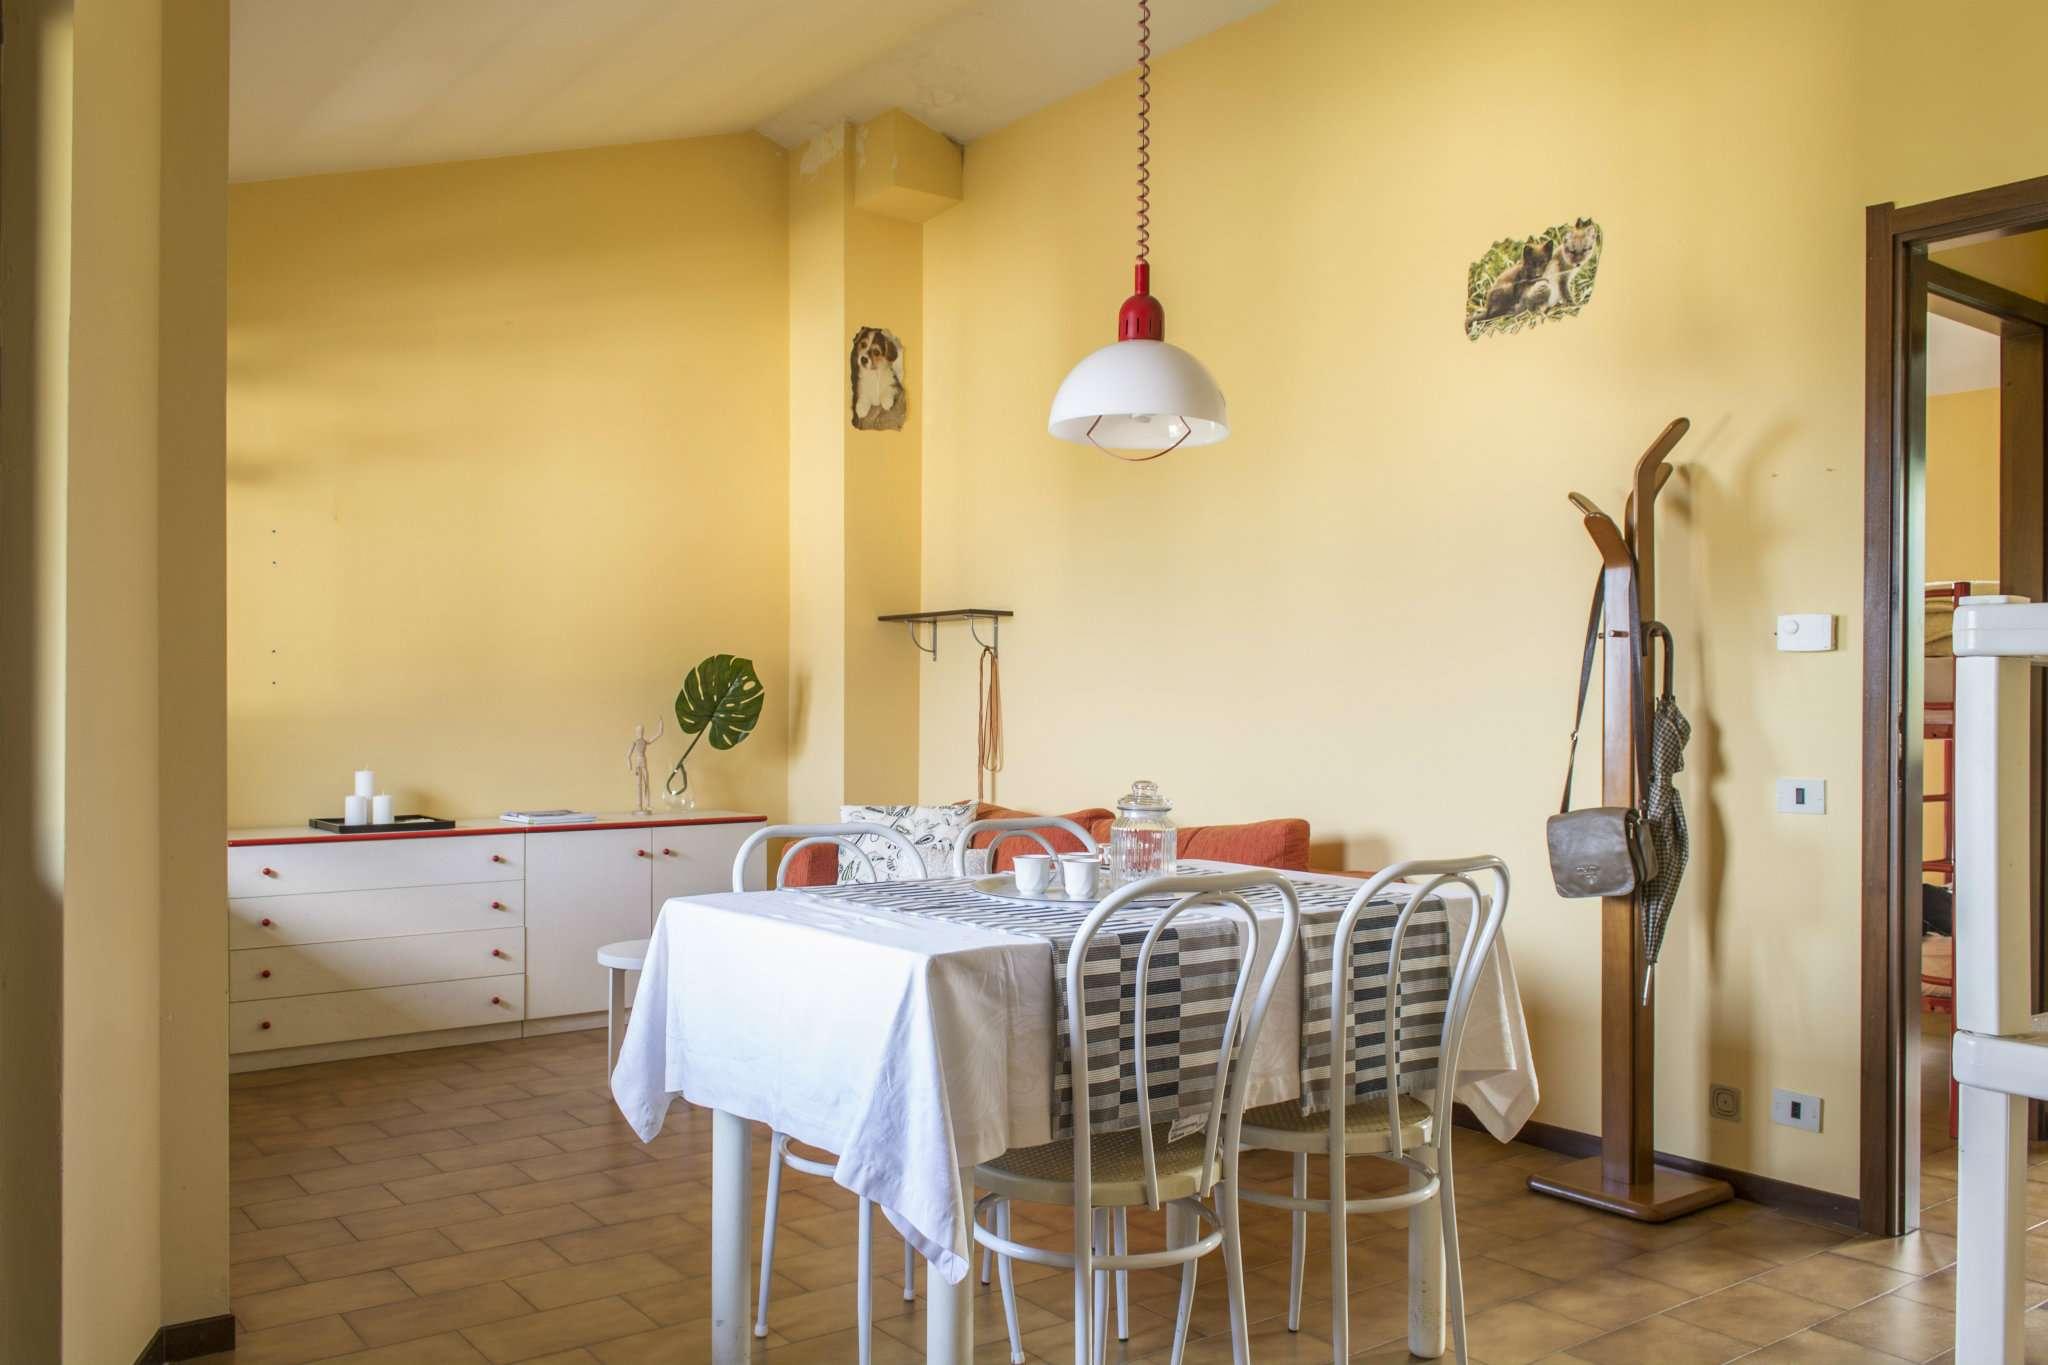 Appartamento in vendita a Bedulita, 2 locali, prezzo € 65.000 | CambioCasa.it